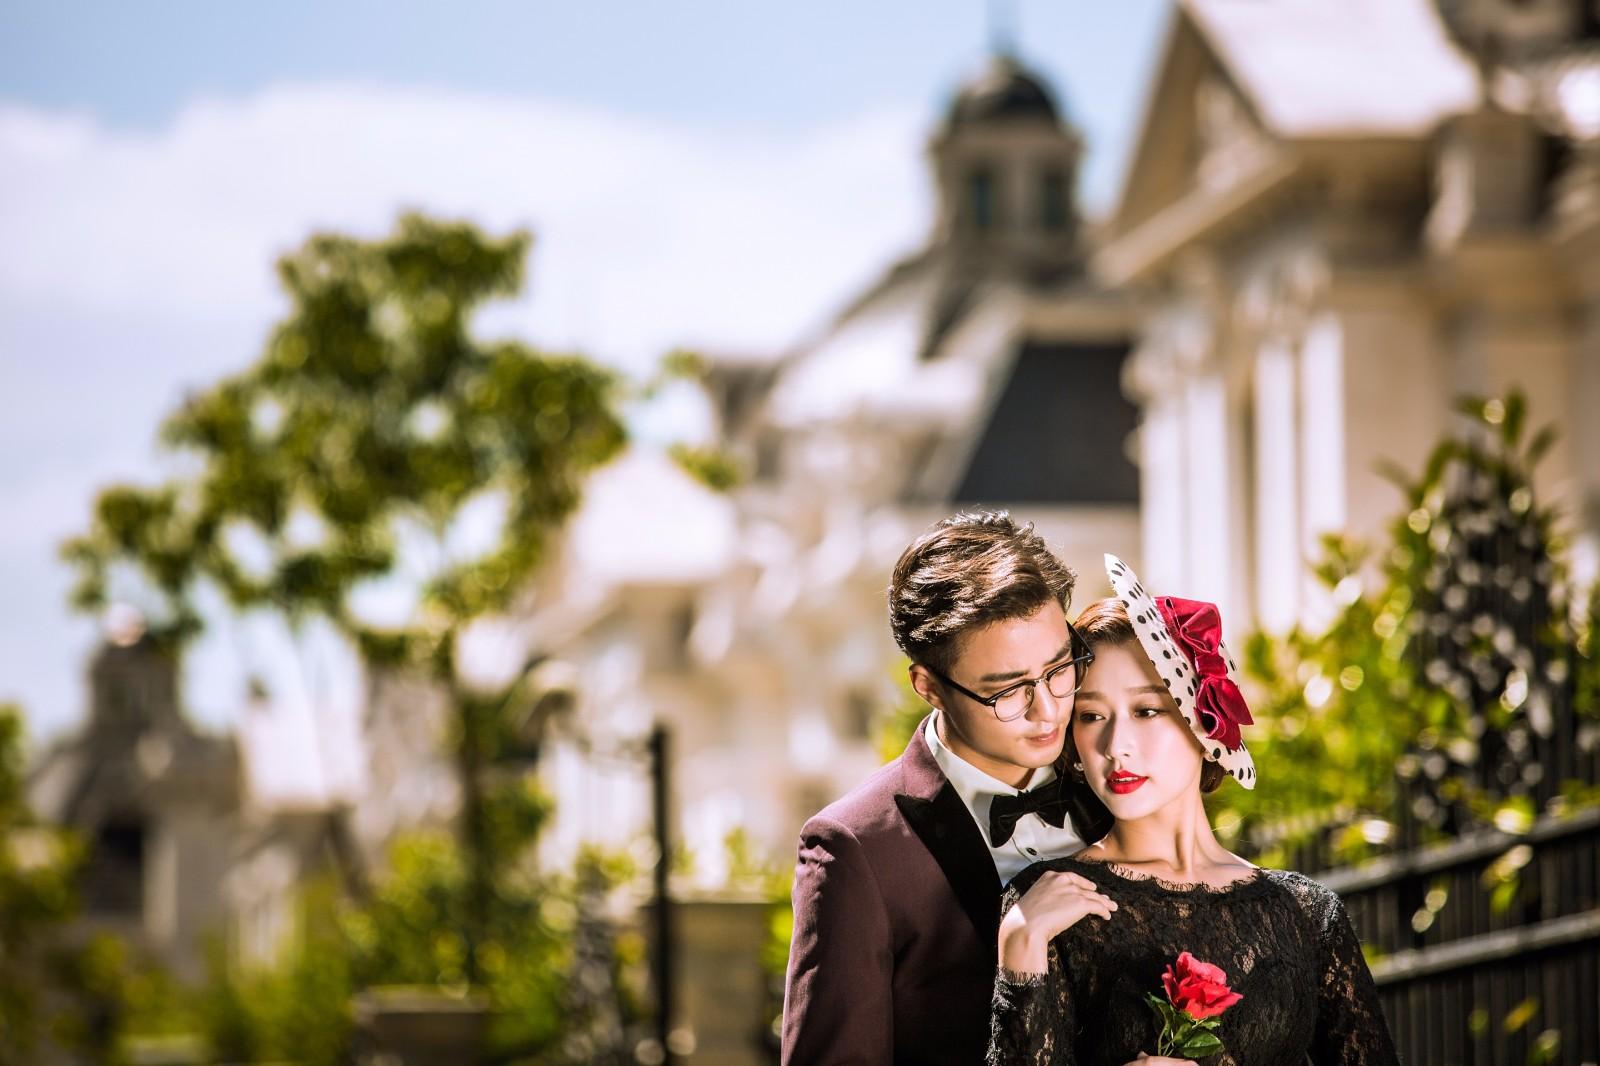 几月份拍婚纱照最好,当然是美好的春夏季